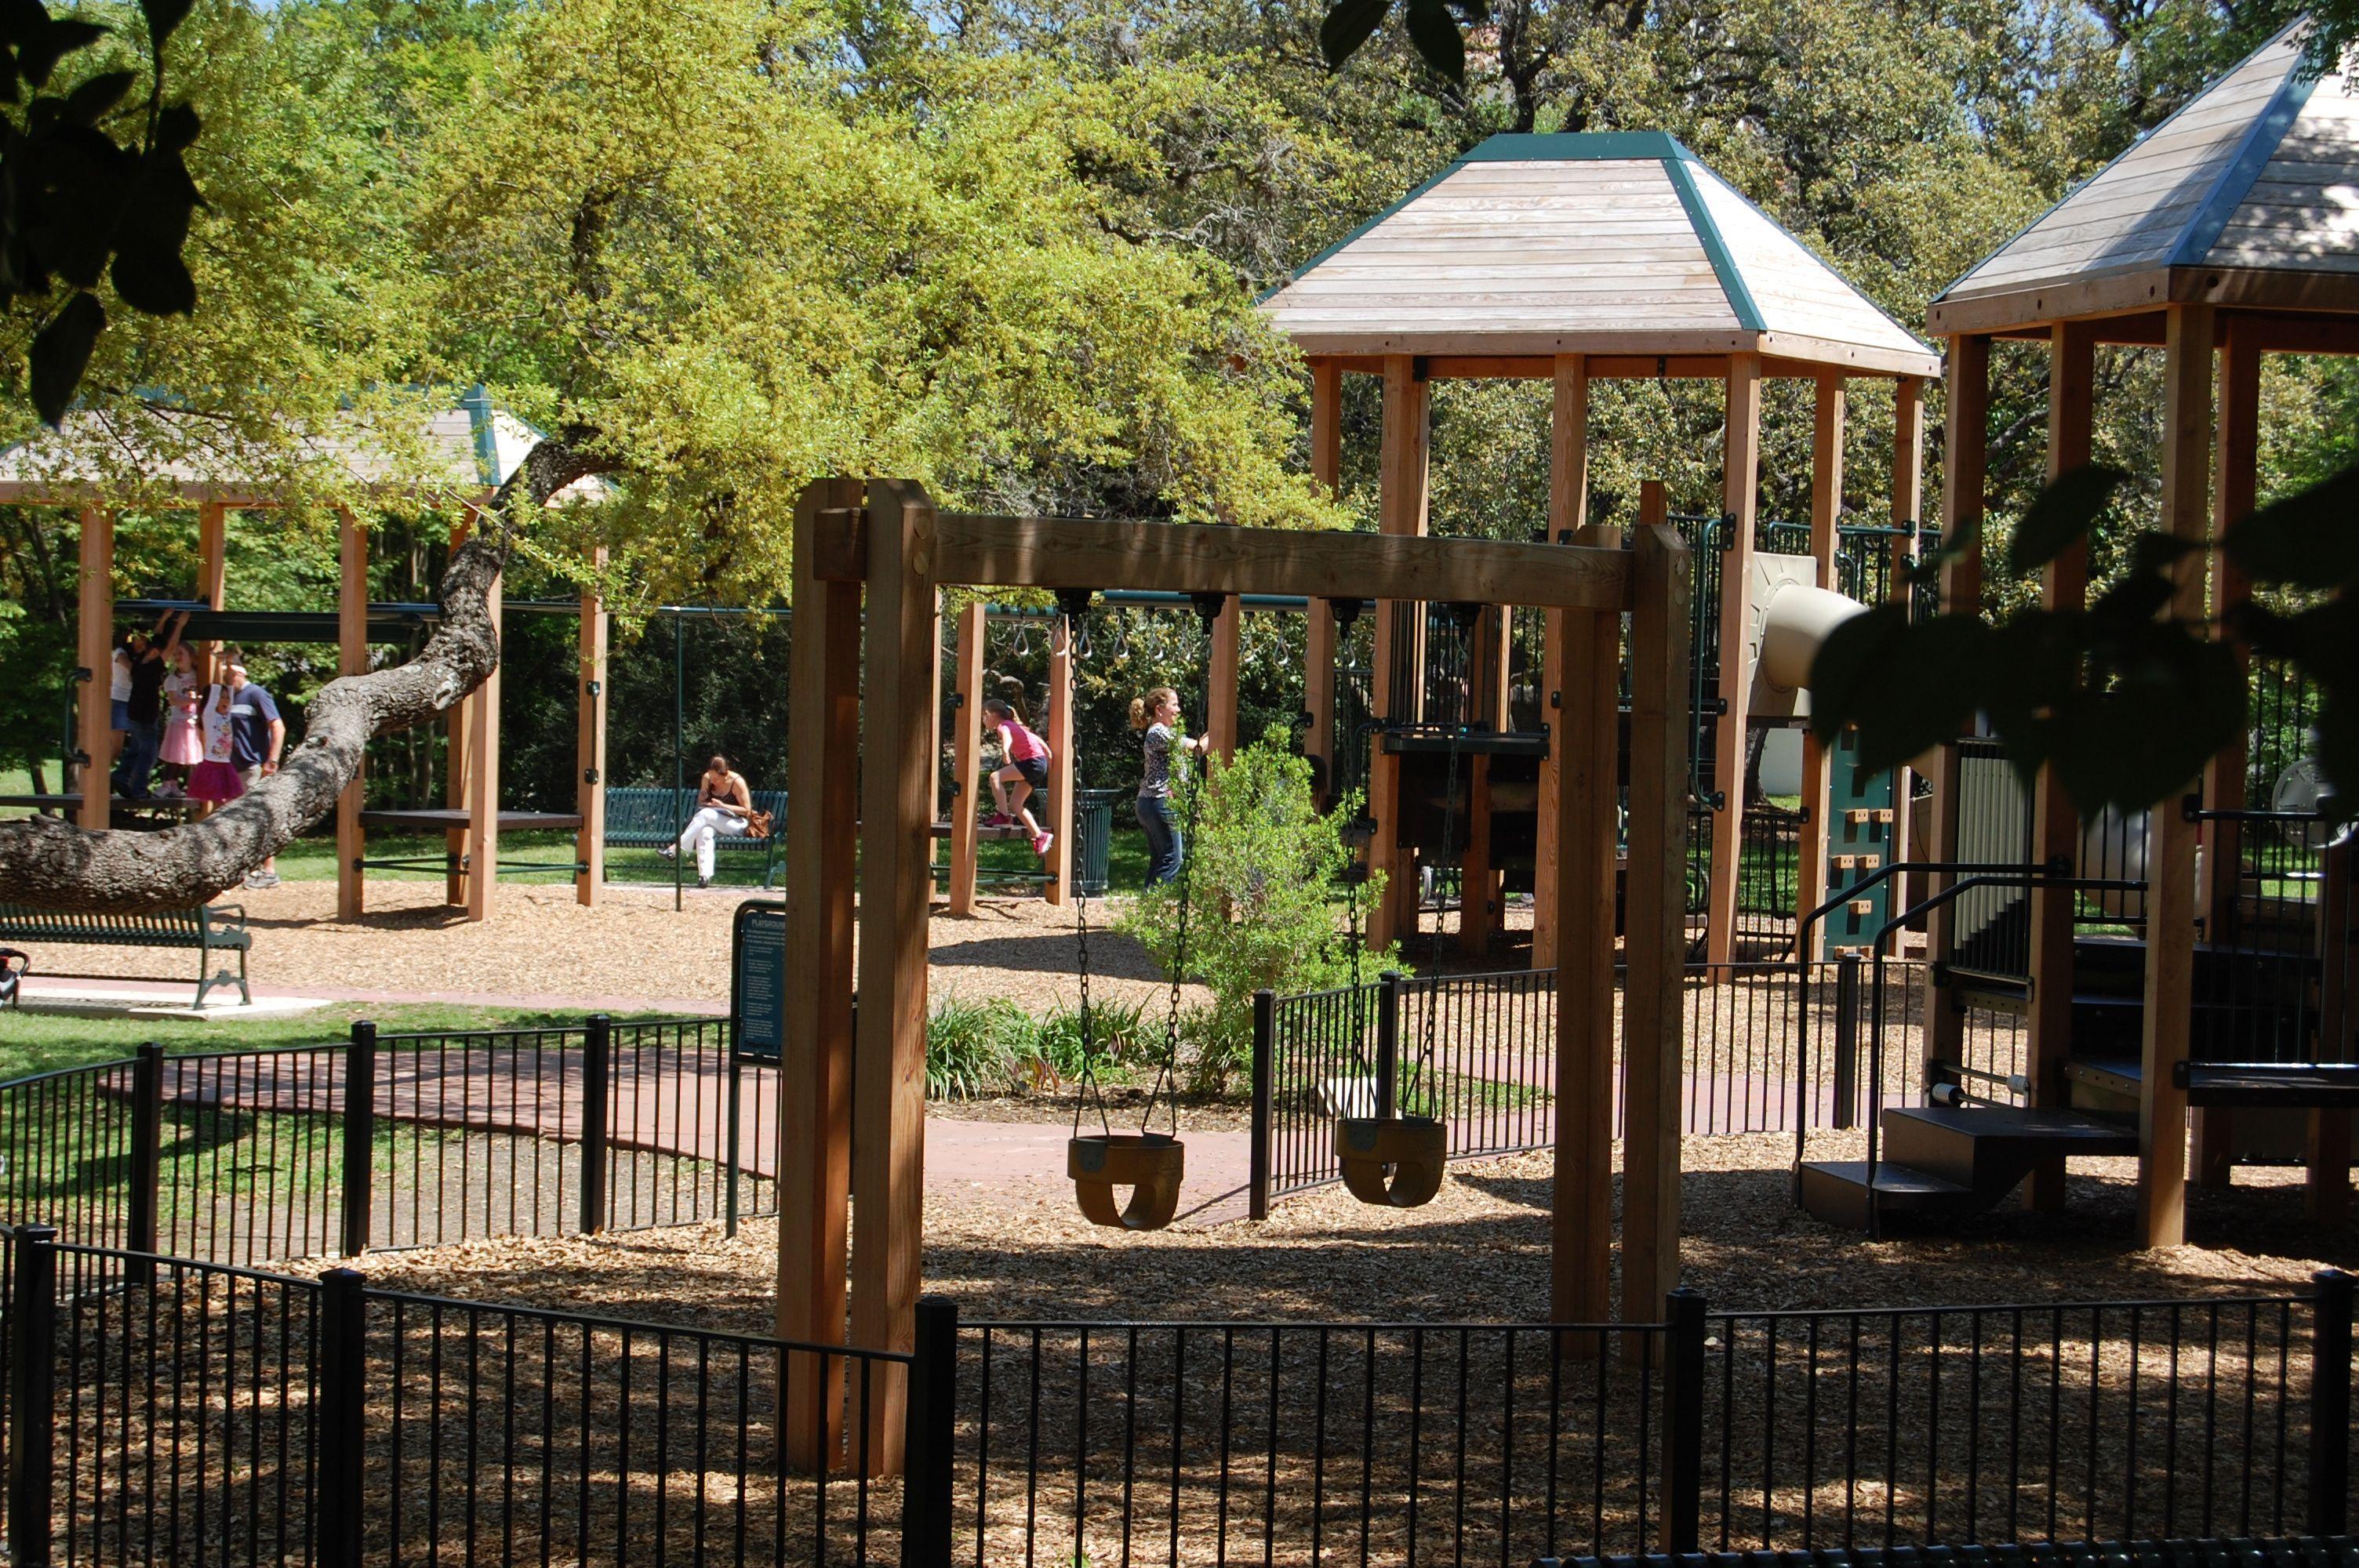 Landa Library Park In San Antonio Texas